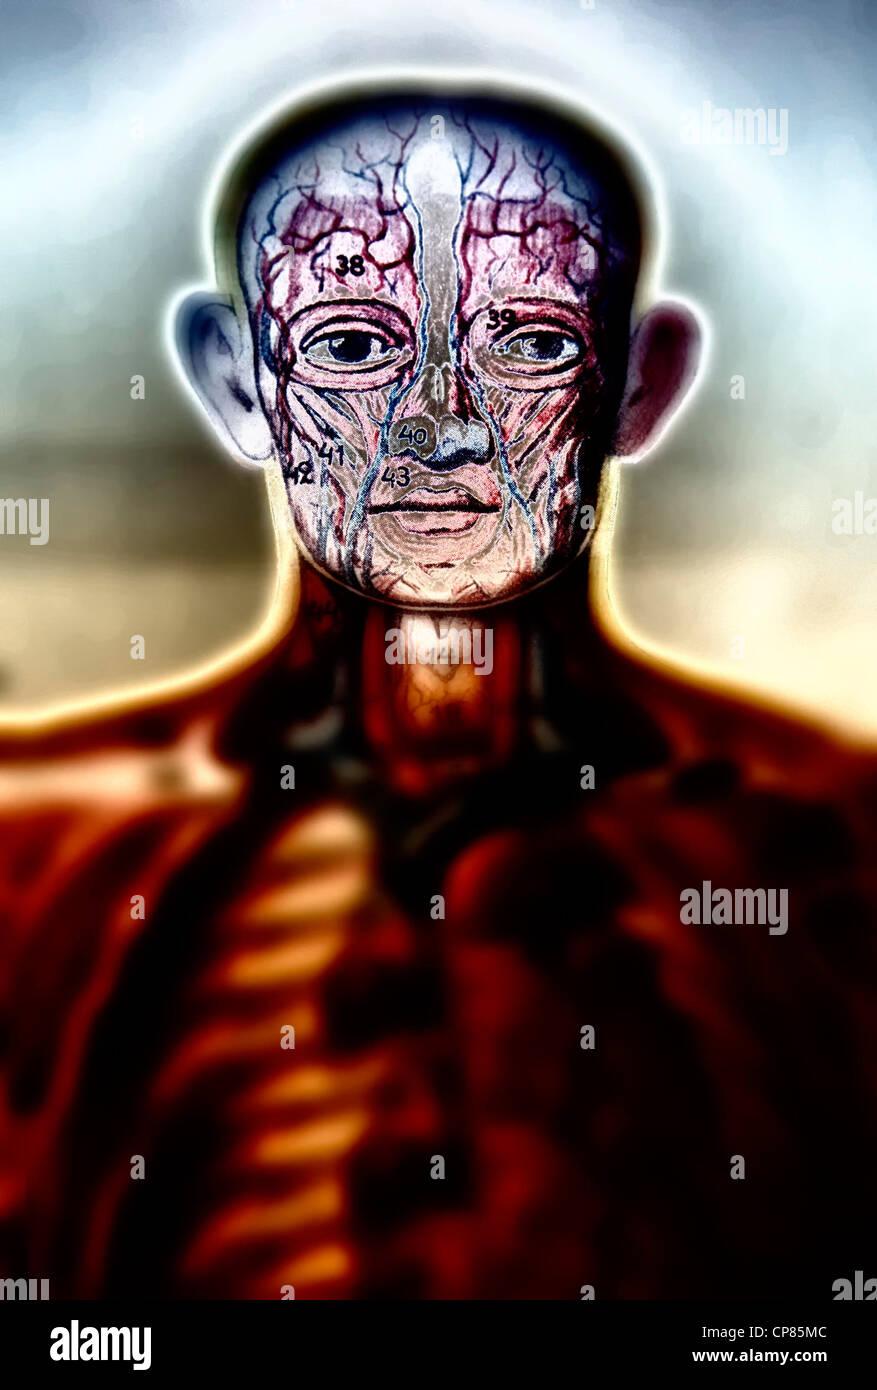 Anatomy, medical illustration of human beings, Aufklappbare anatomische, medizinische Darstellung des Mannes, digital - Stock Image